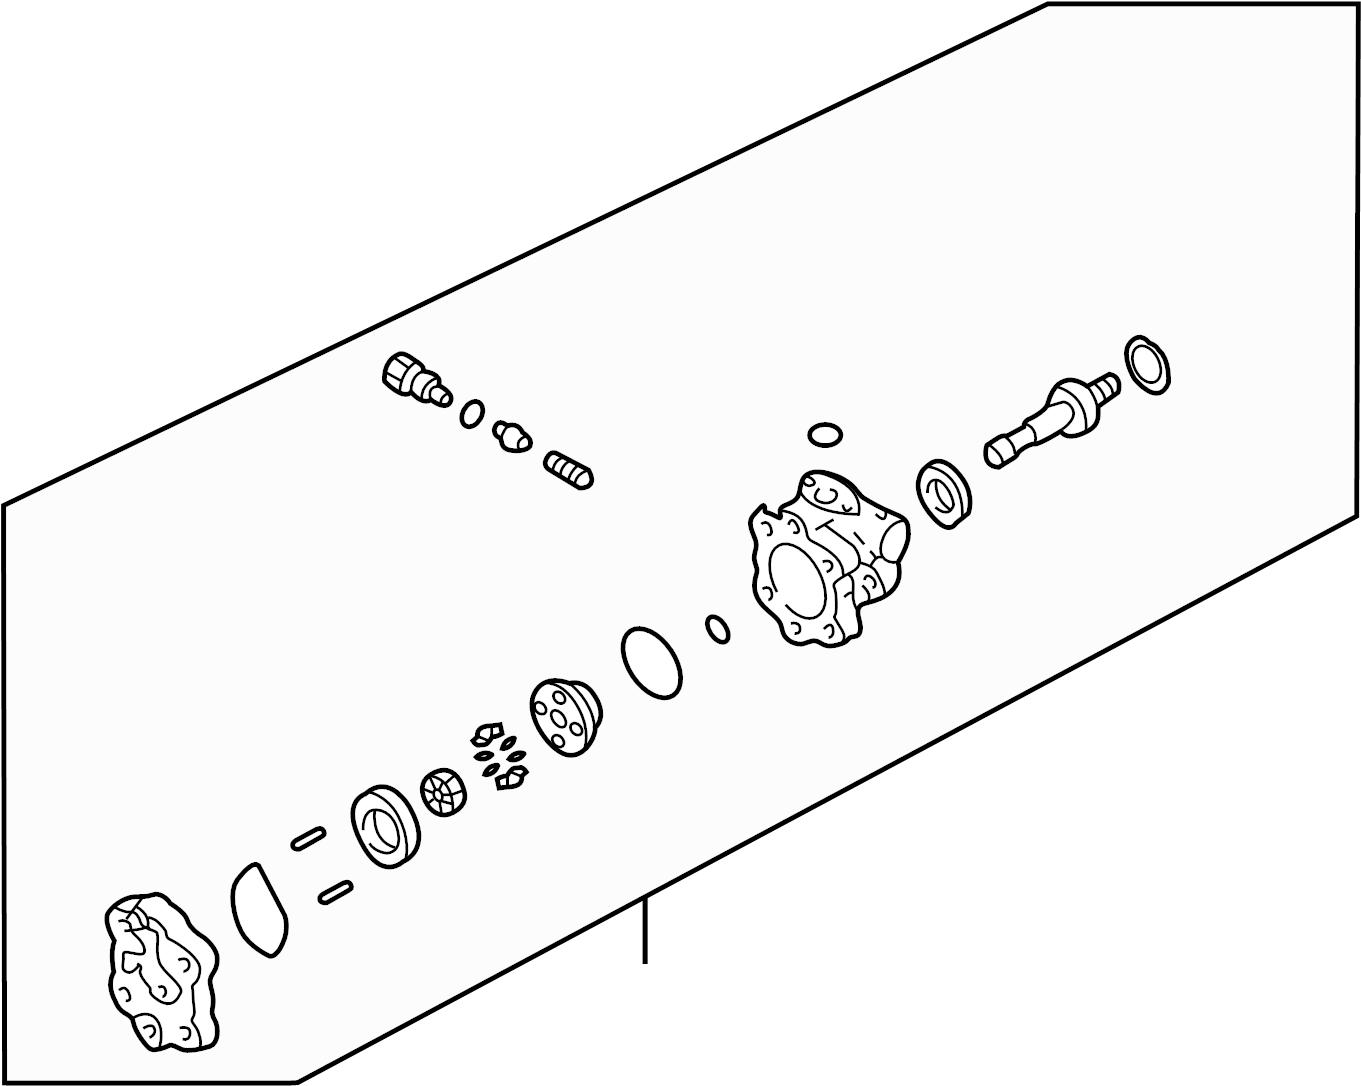 Vn11a